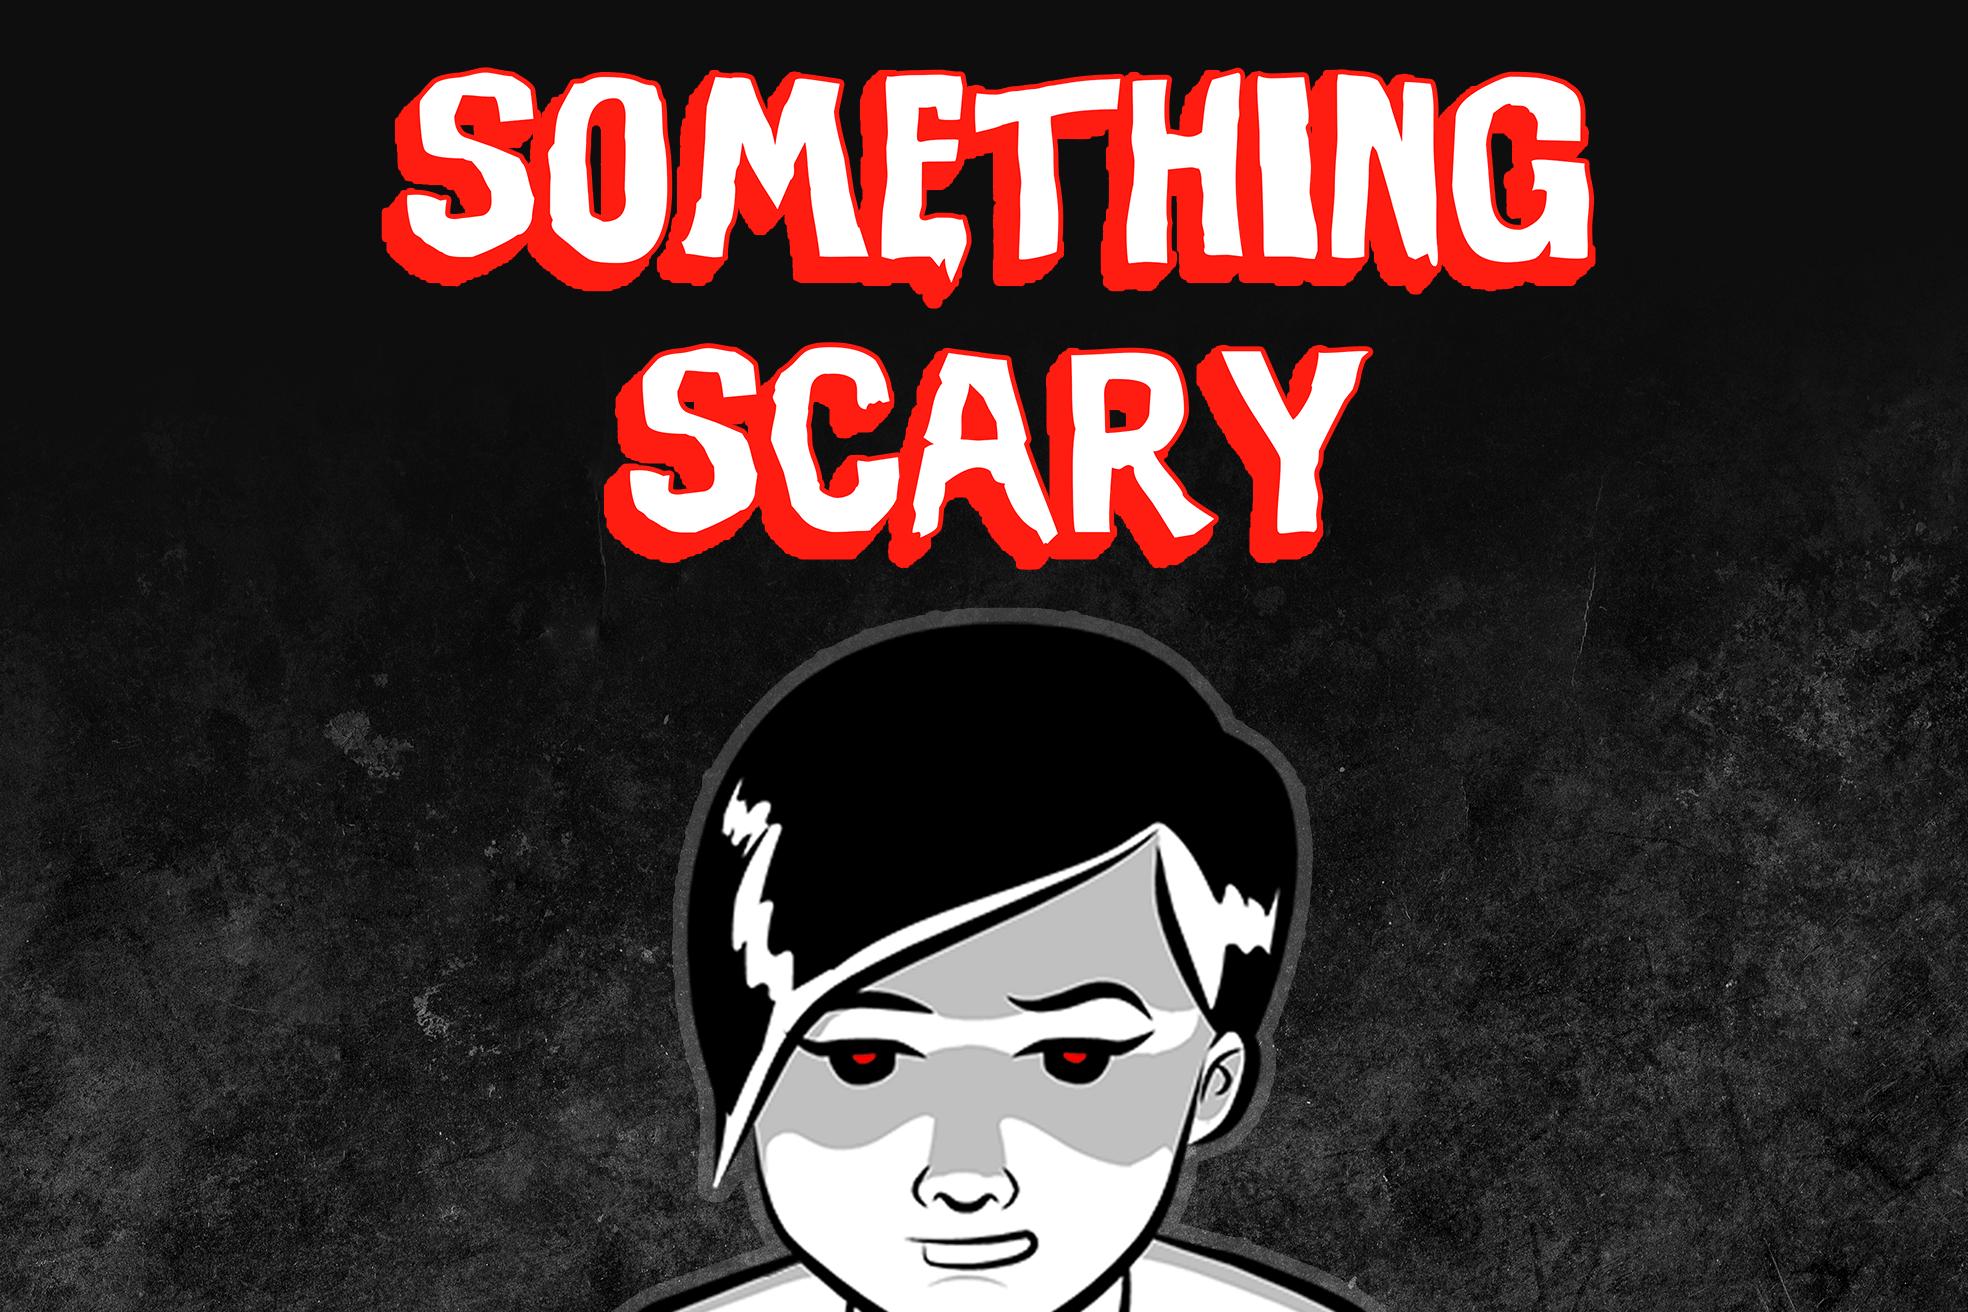 SomethingScary